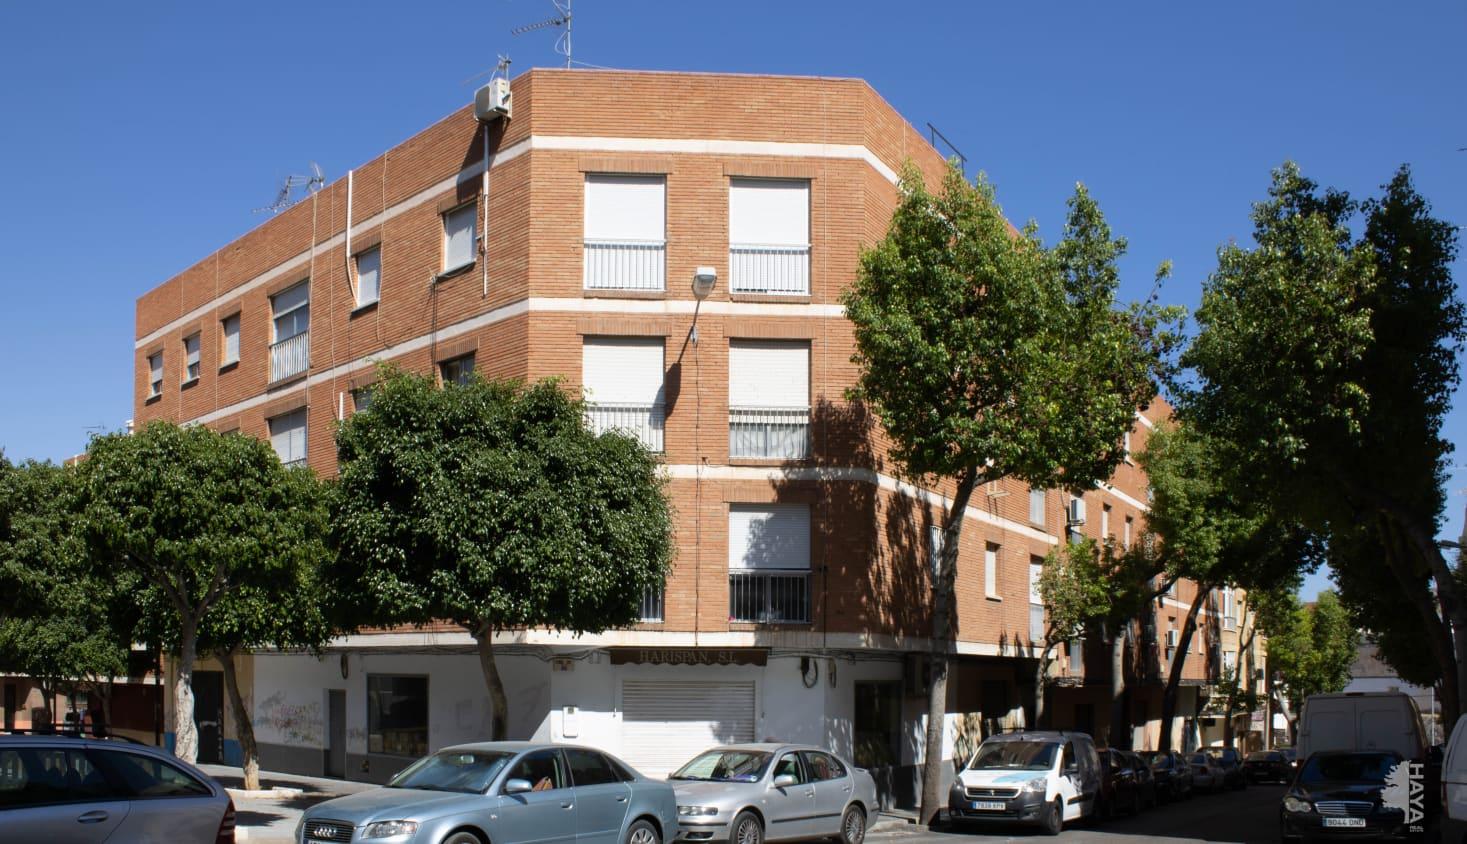 Piso en venta en Las Cuevas de San Joaquín, Almería, Almería, Calle Negras (las), 32.500 €, 2 habitaciones, 1 baño, 89 m2